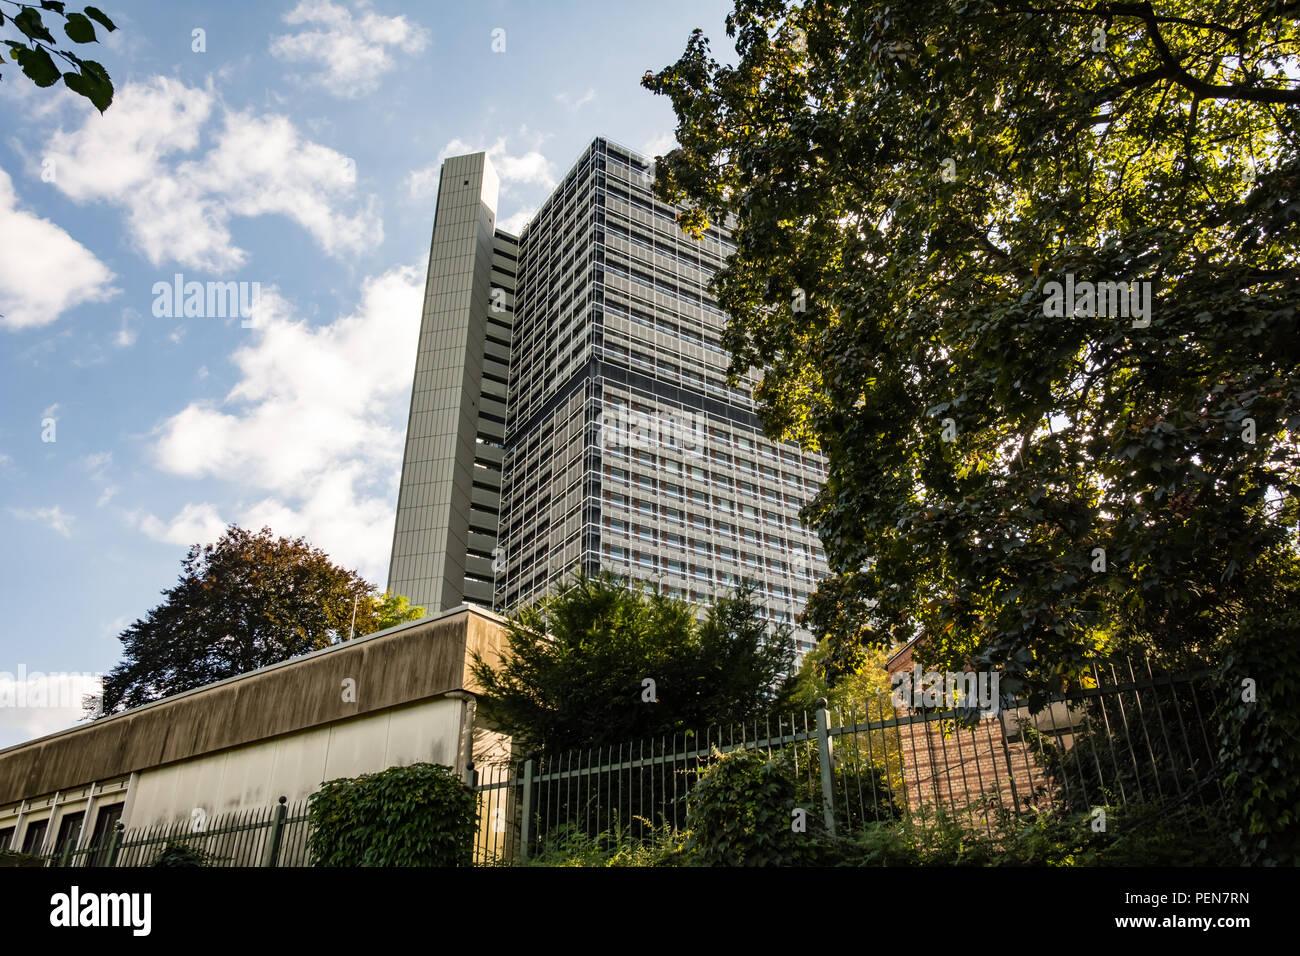 Ehemaliges Regierungsviertel in Bonn, Abgeordnetenhaus 'Langer Eugen' - Stock Image